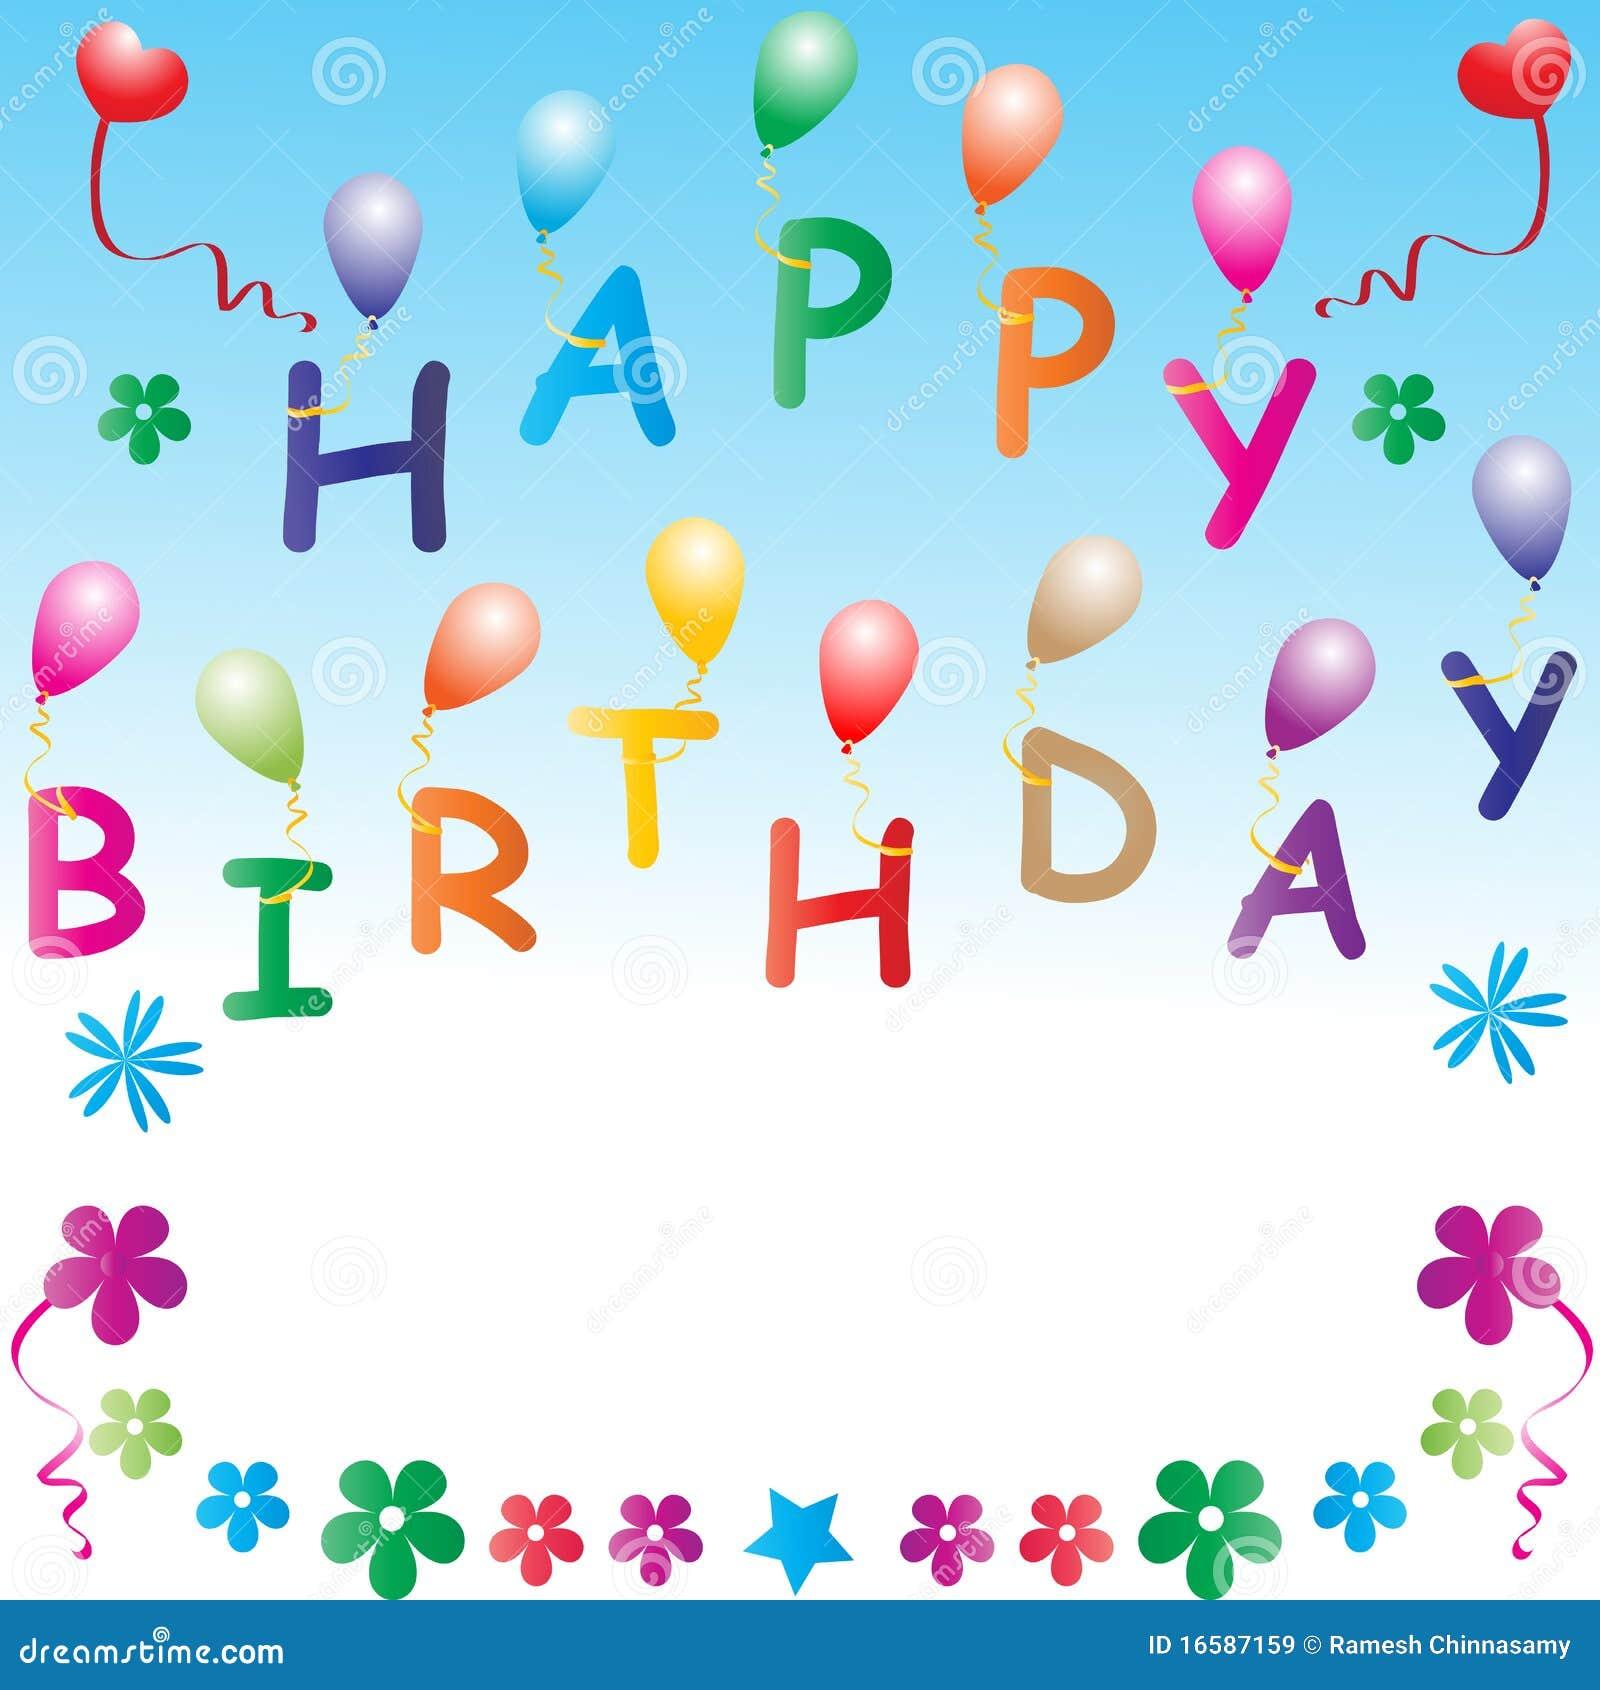 Top Verjaardag Afbeeldingen Voor Facebook @TIC87 - AgnesWaMu @SB19